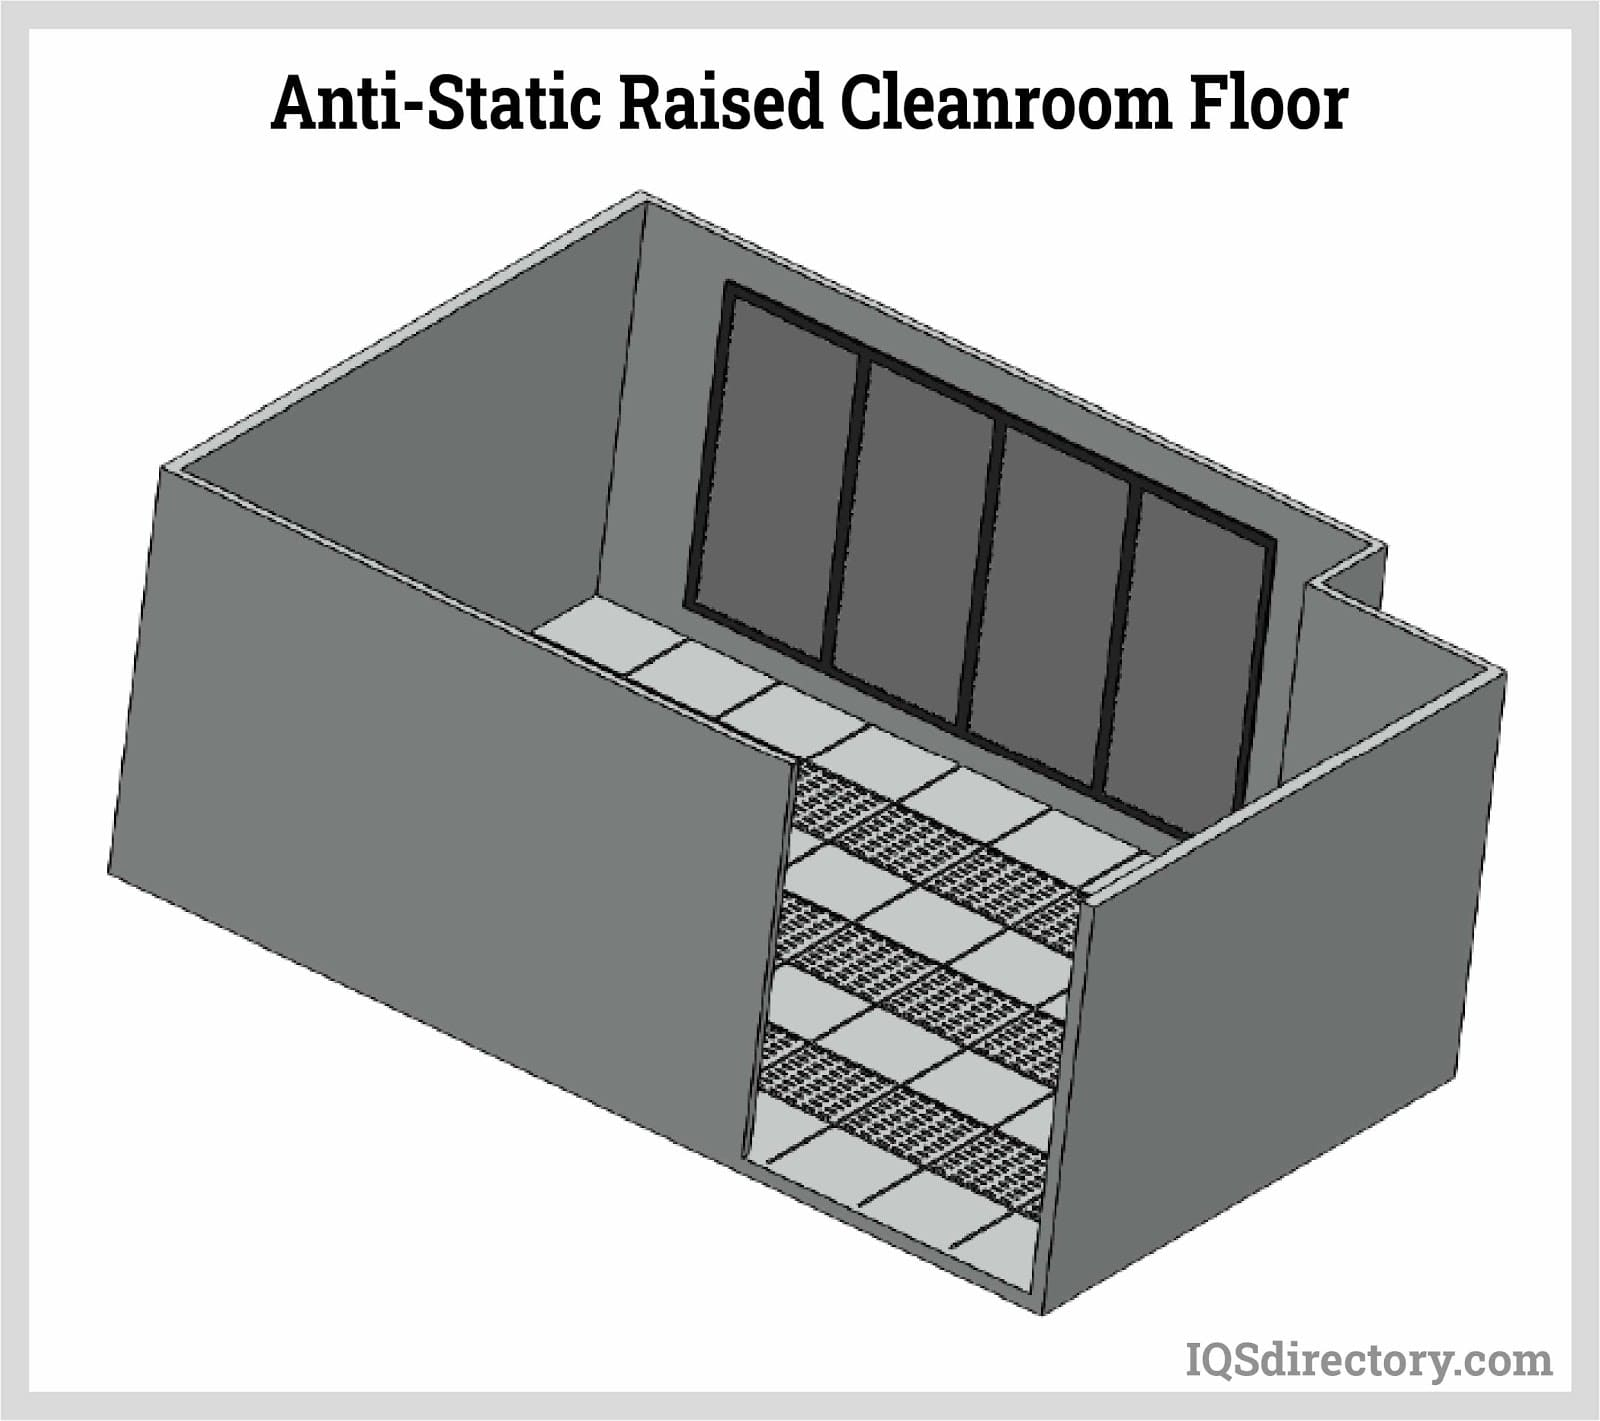 Anti-Static Raised Cleanroom Floor